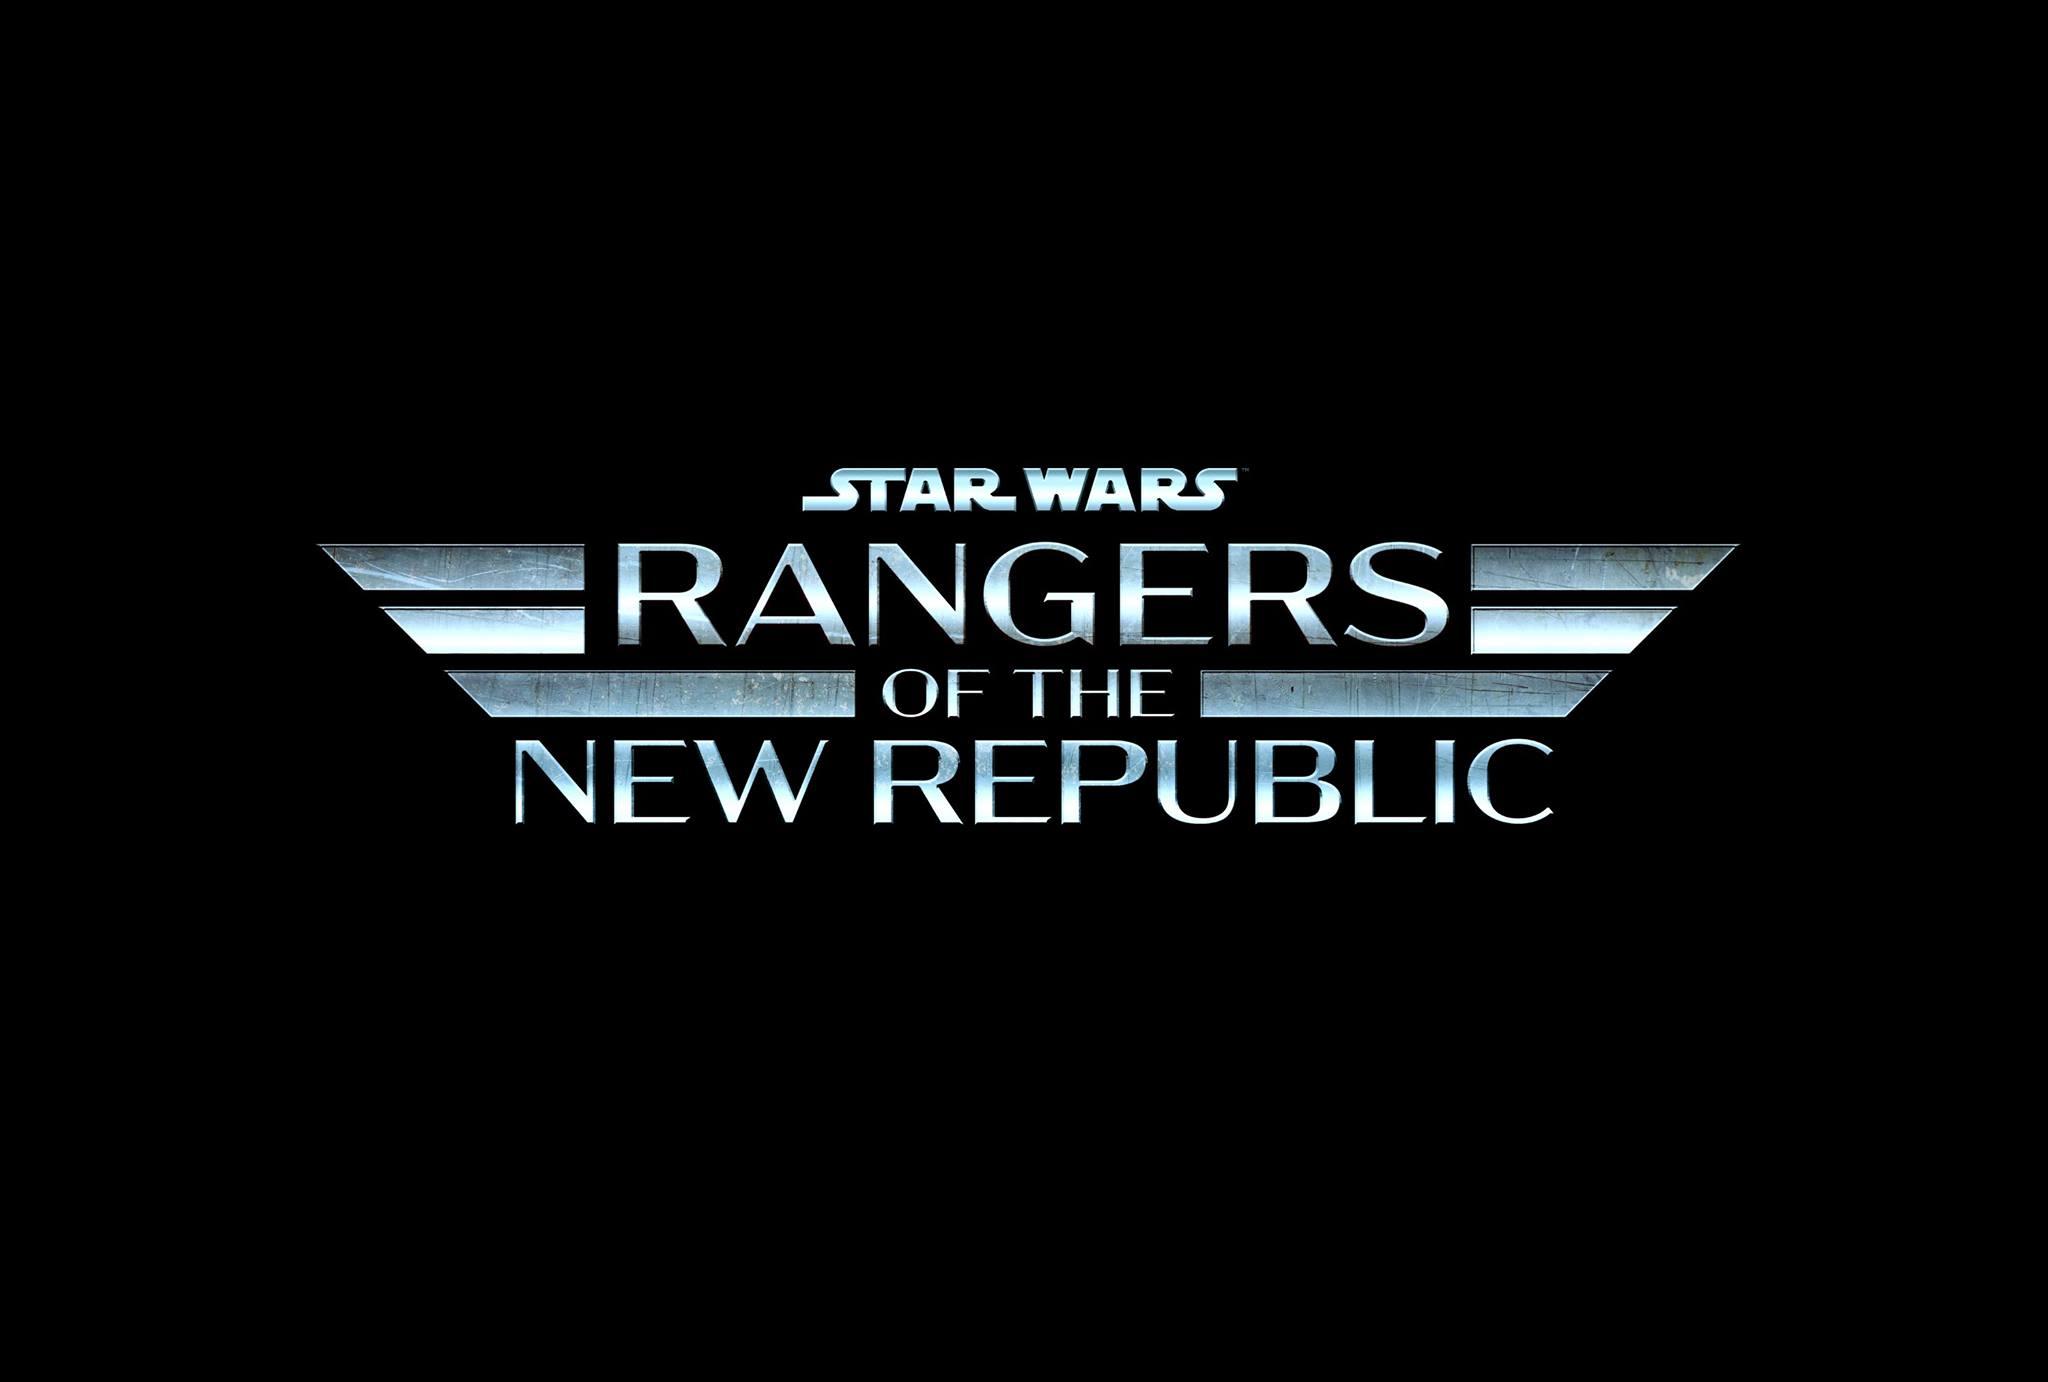 Рейнджеры Новой Республики (Rangers of the New Republic)